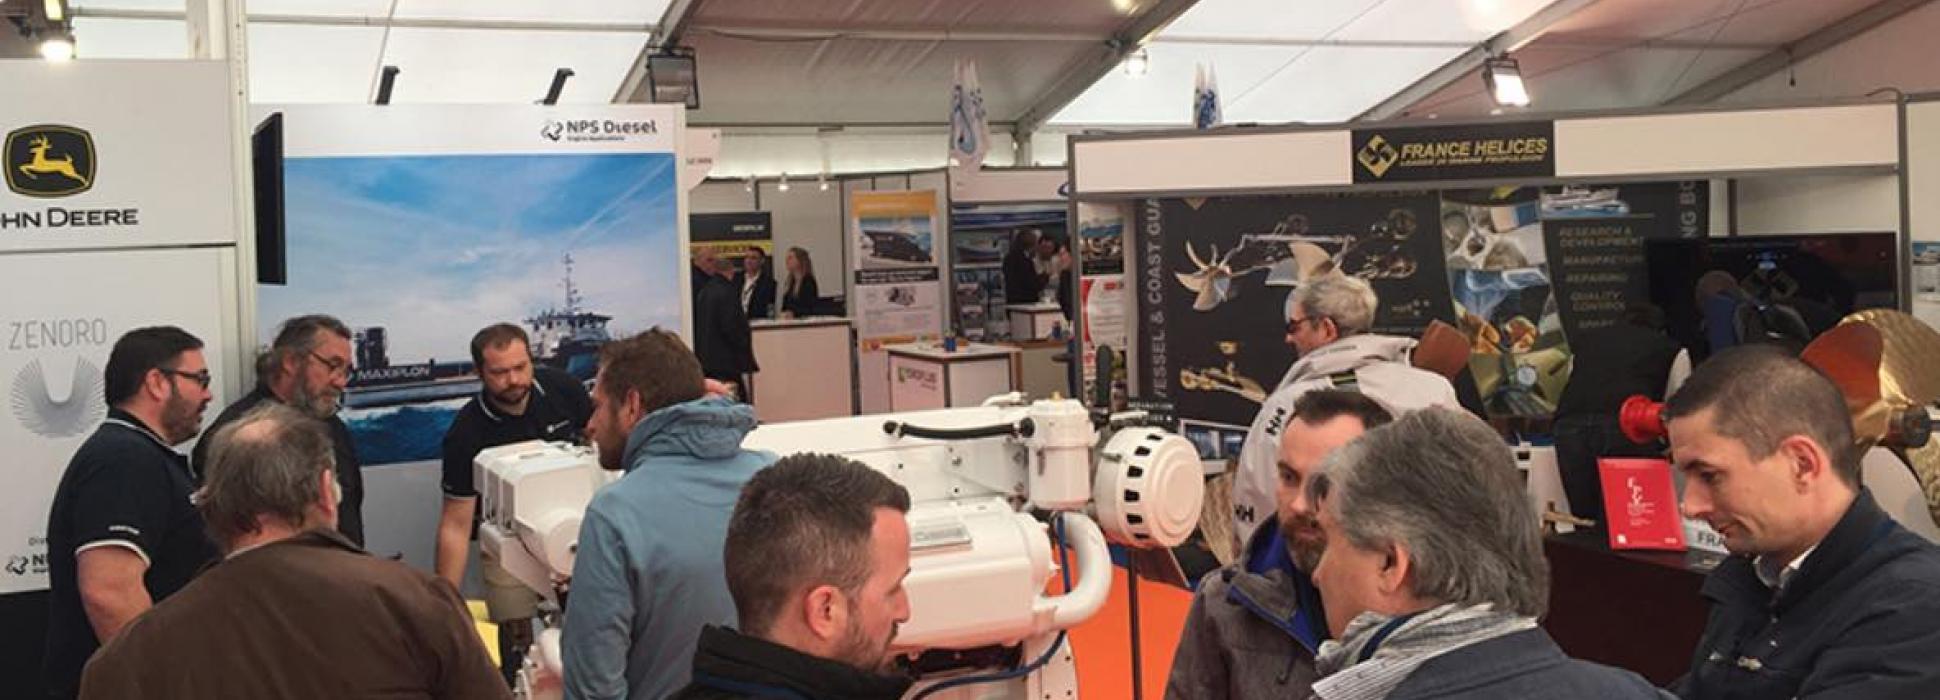 Se cancela la 5ª edición de Navexpo, la feria del sector marítimo de Lorient